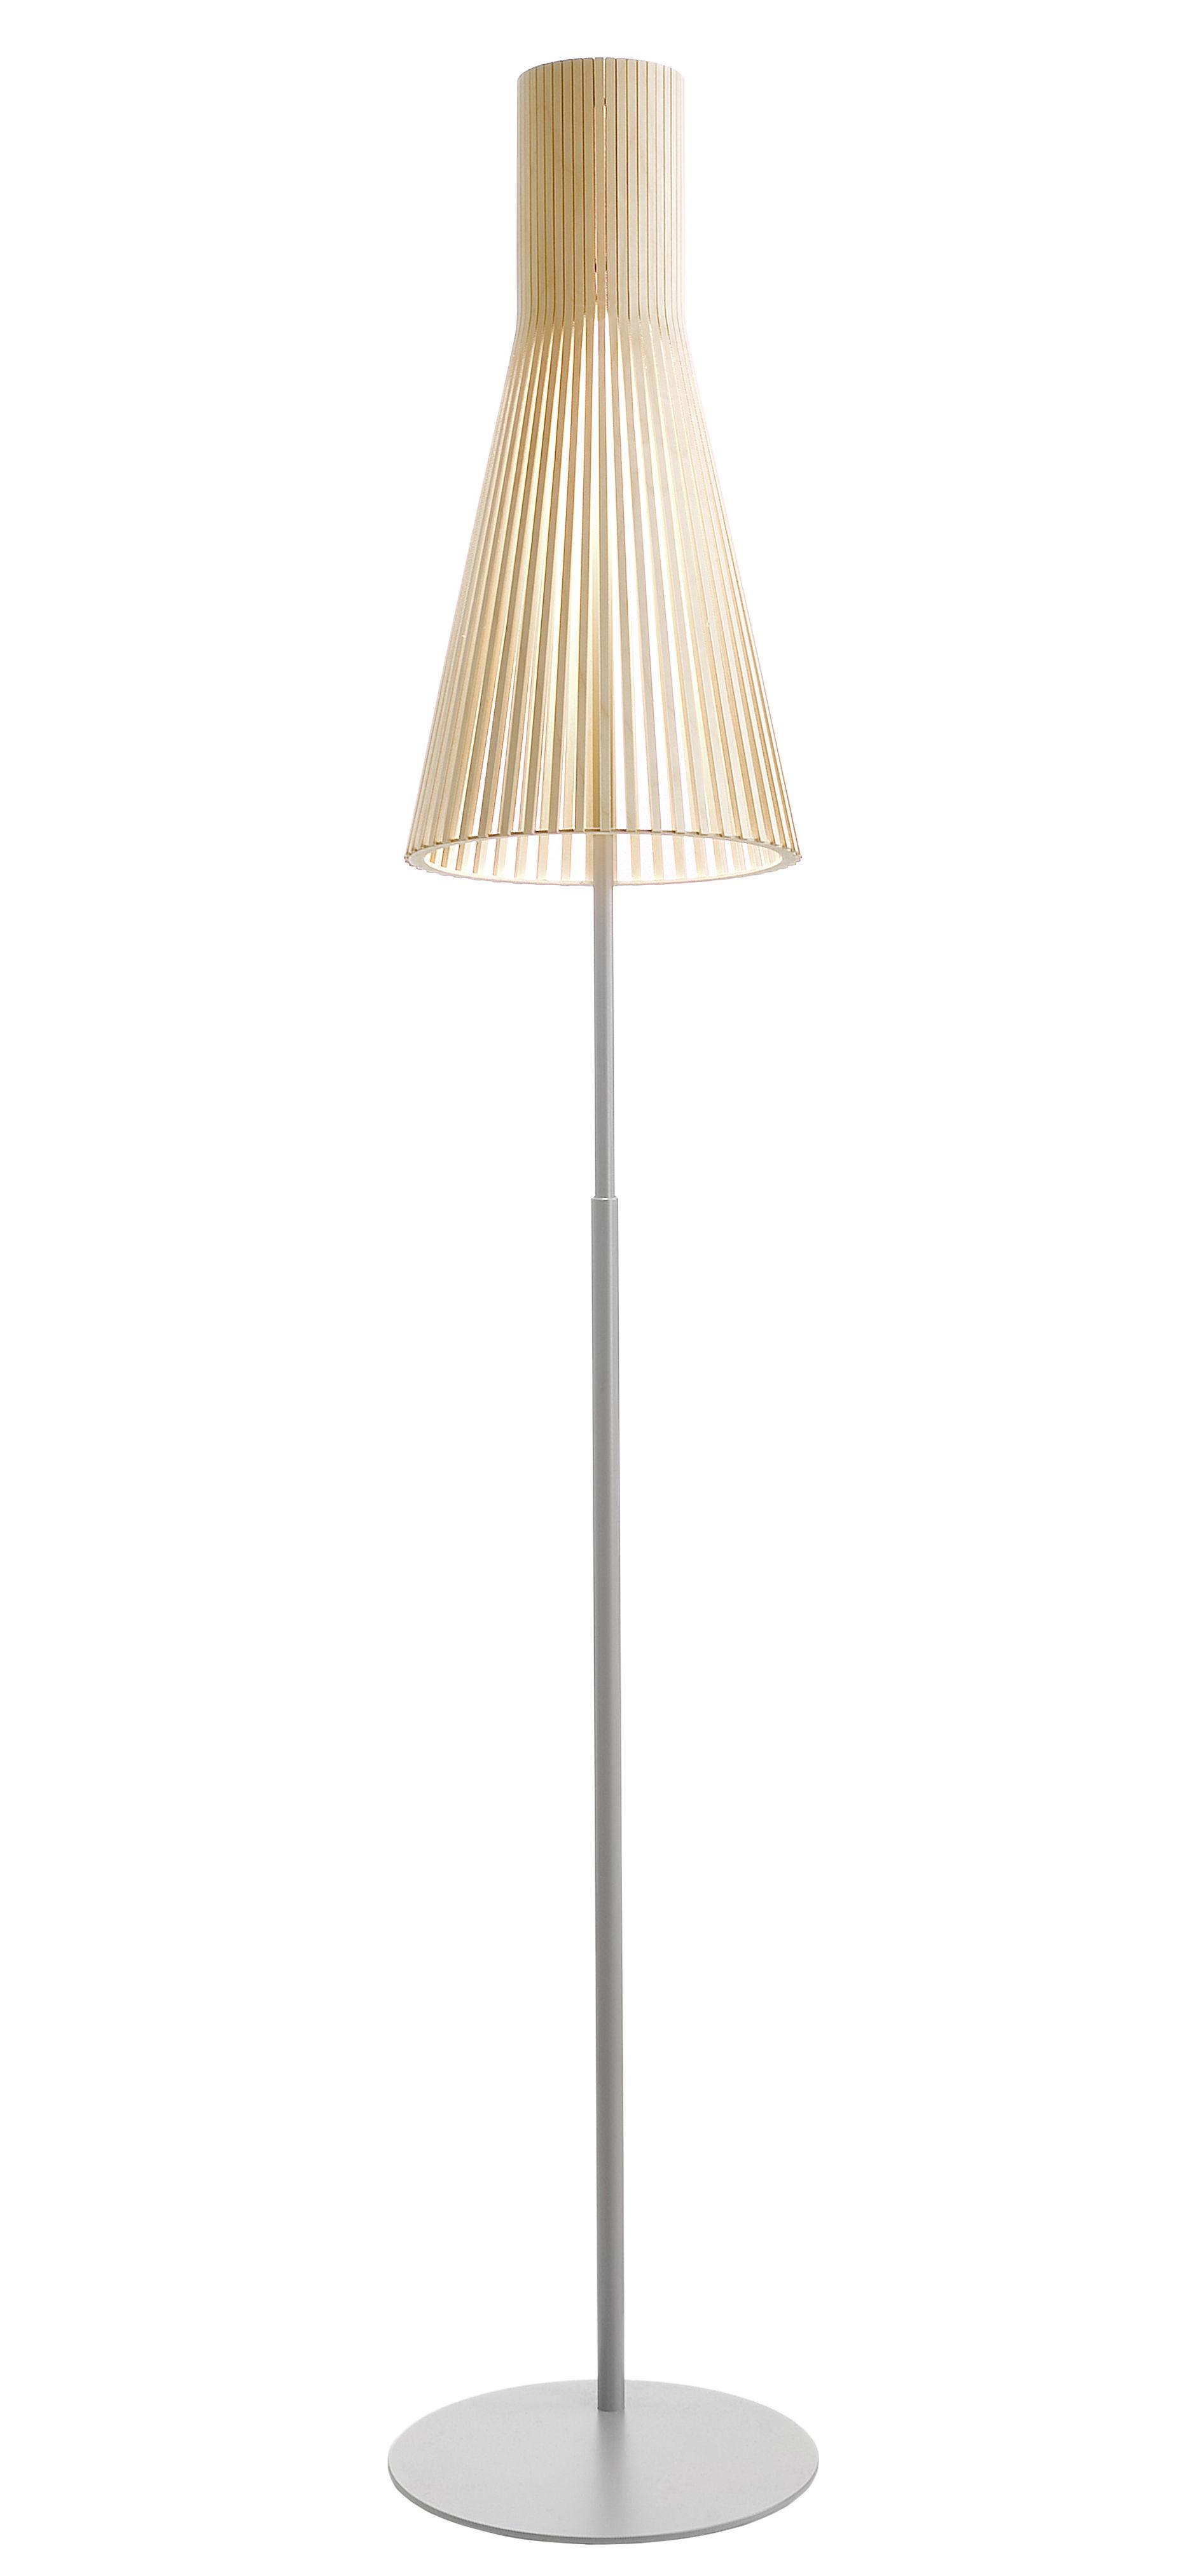 Leuchten - Stehleuchten - Secto Stehleuchte / H verstellbar 175 bis 185 cm - Secto Design - Birkenholz natur / Gestell hellgrau - Birkenlatten, Metall